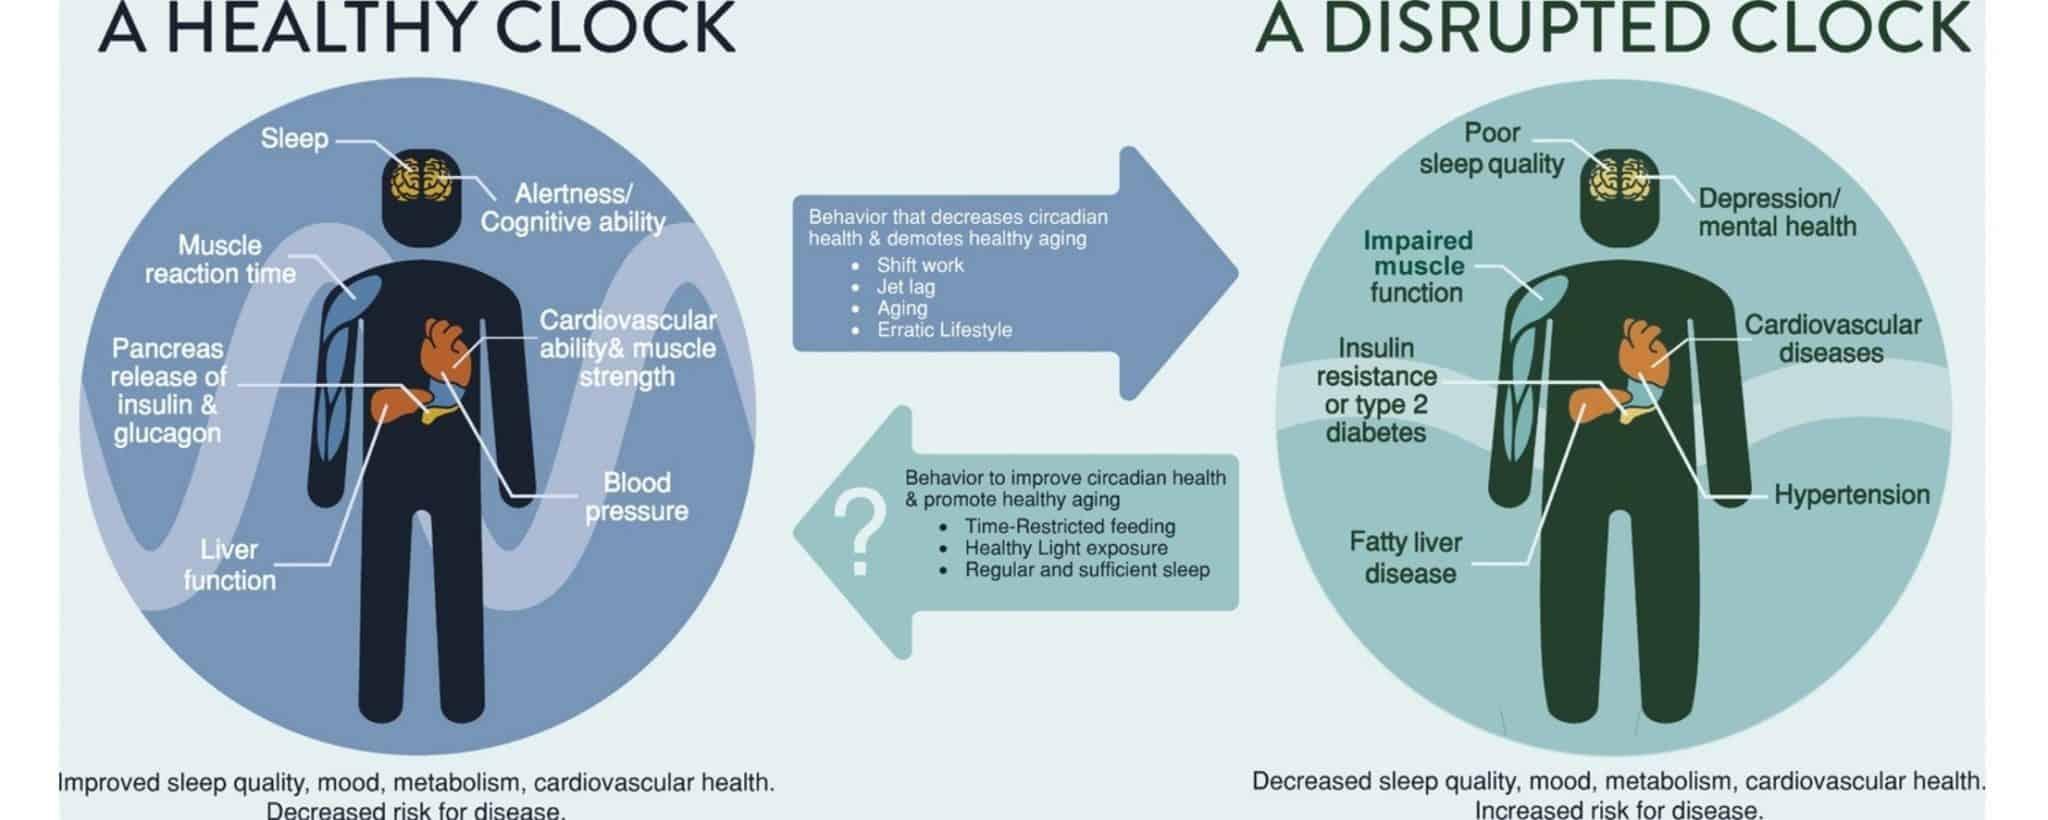 Healthy and unhealthy circadian clock